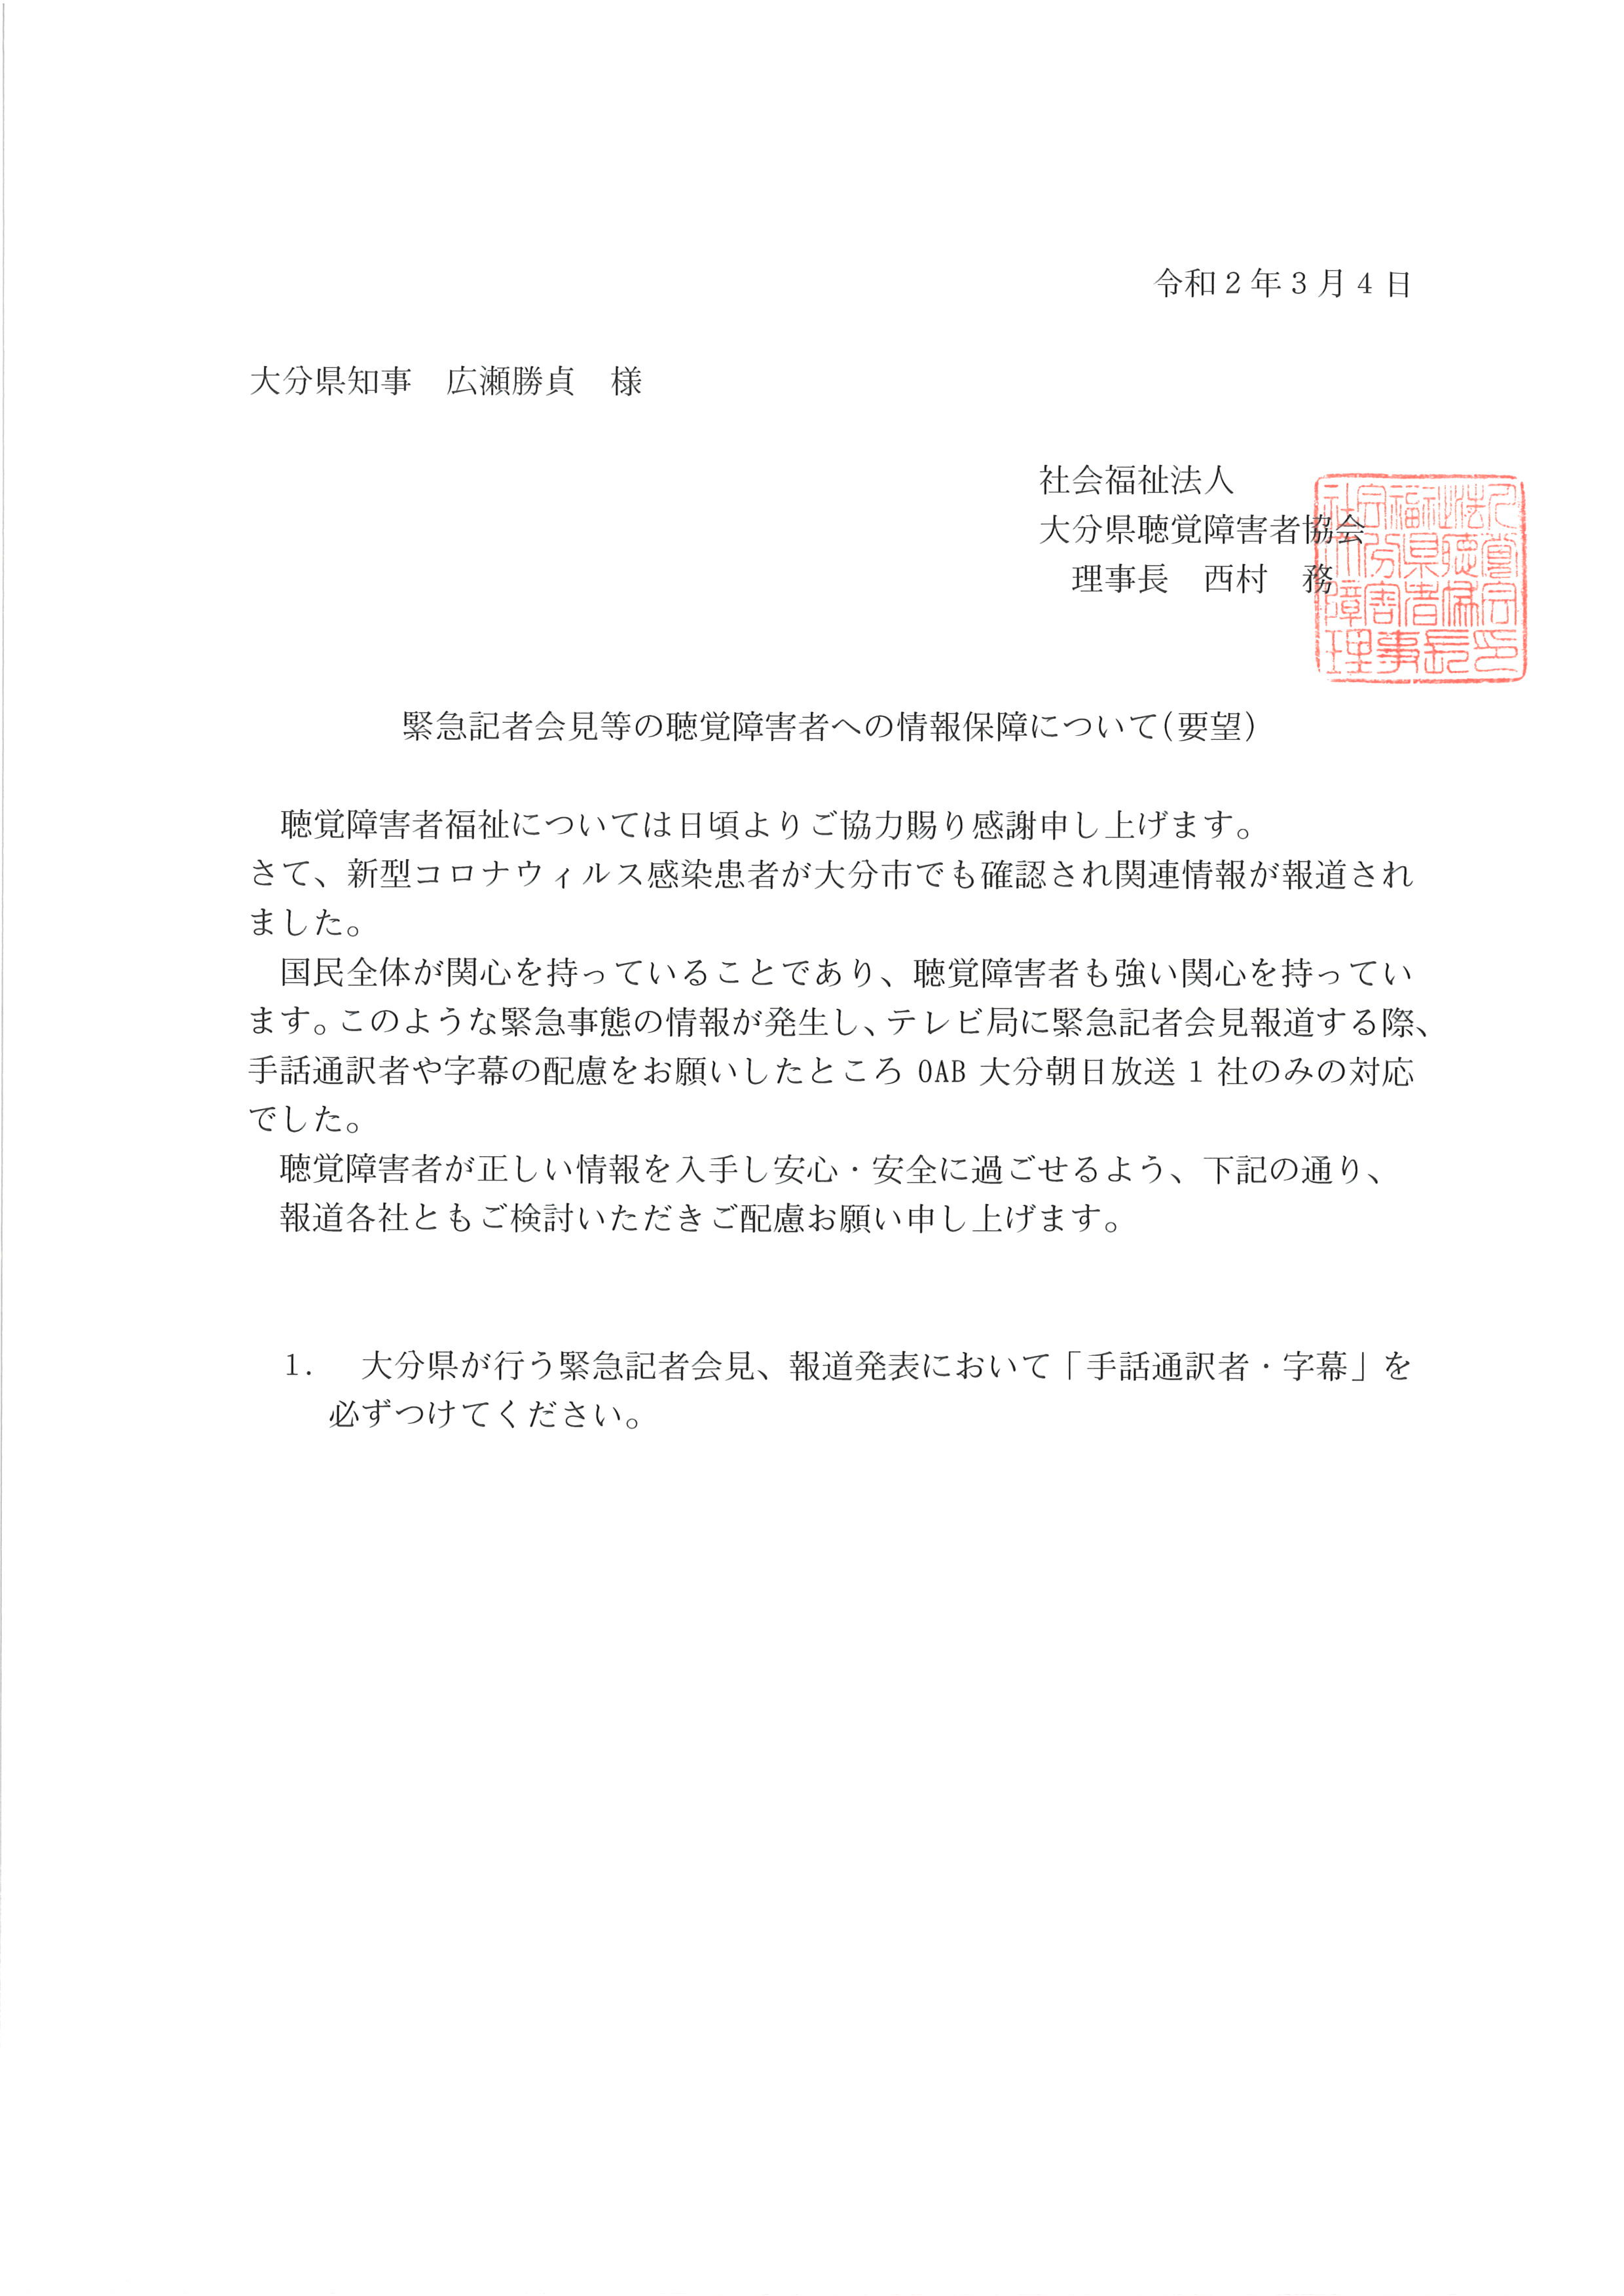 緊急記者会見等の聴覚障害者への情報保障について(要望)_d0070316_13020406.jpg